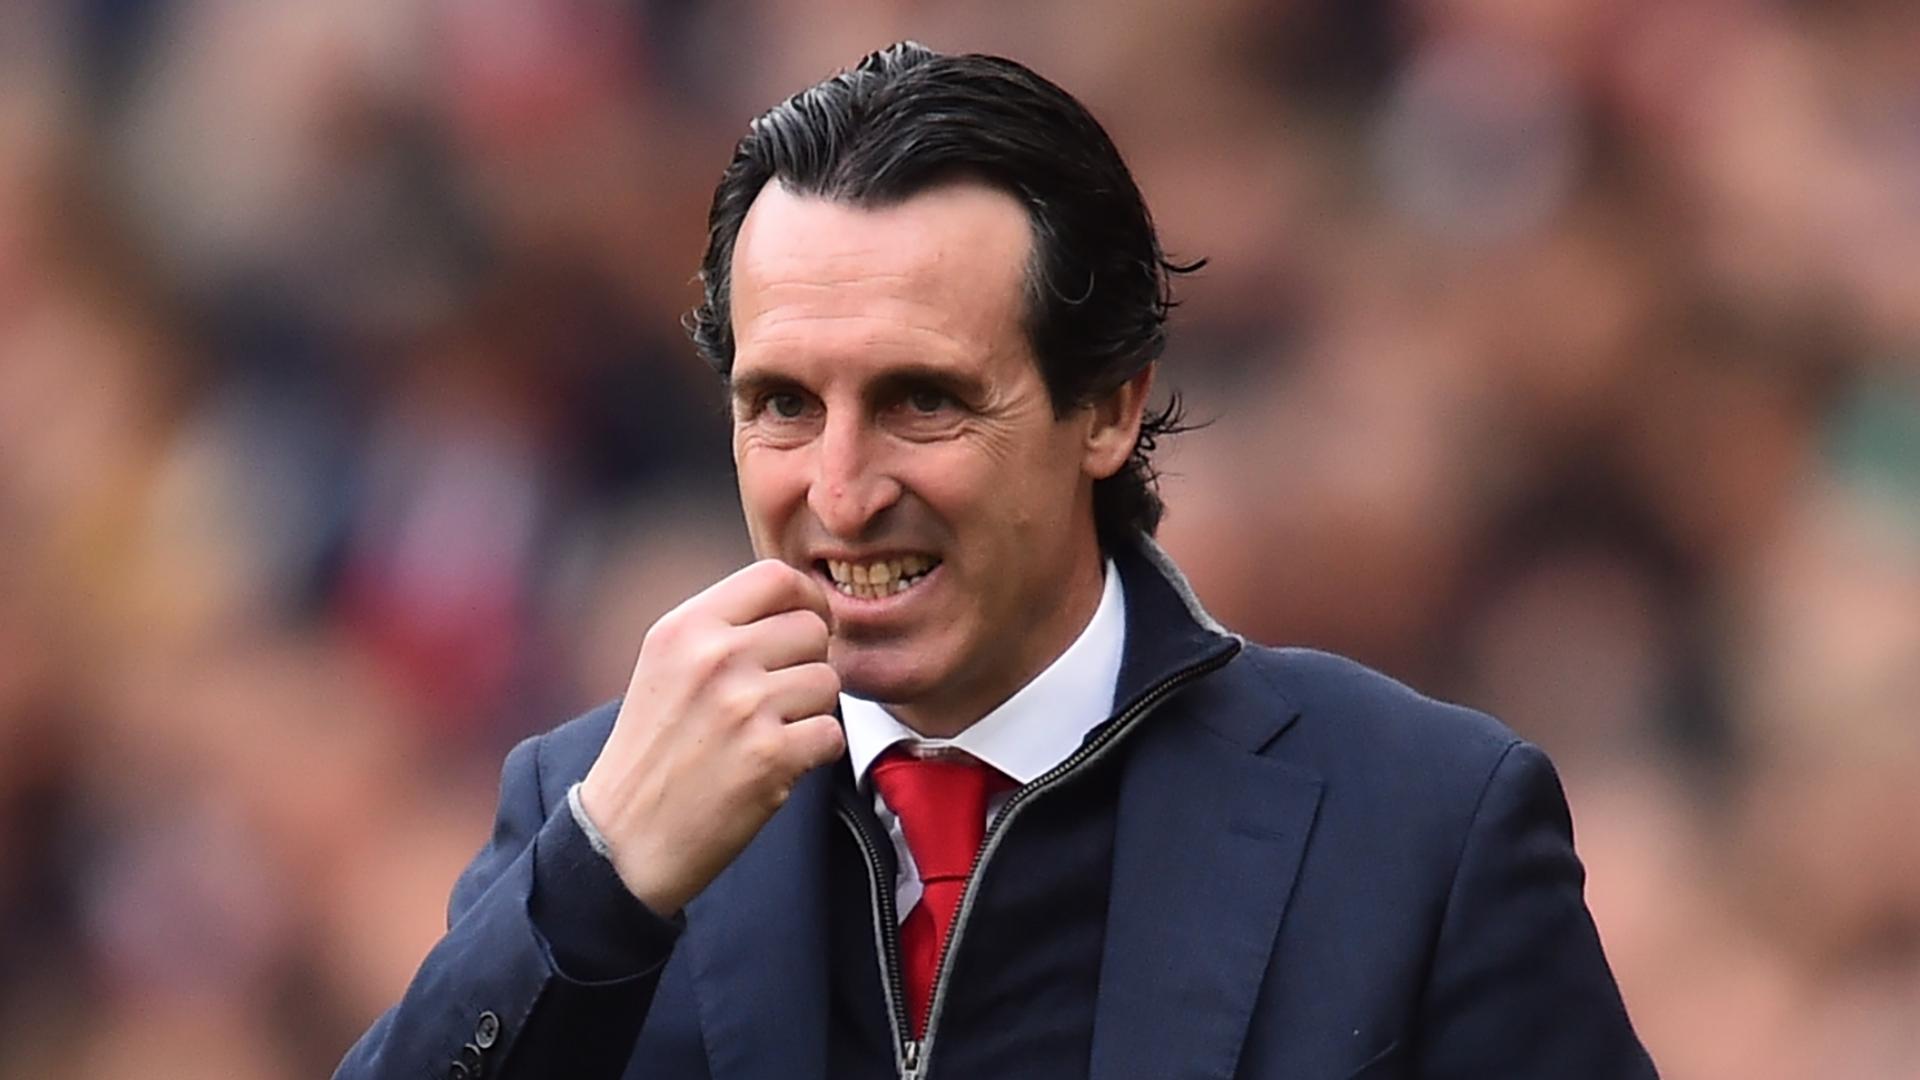 Điểm tin tối 24/08: M.U chốt sổ chuyển nhượng; Arsenal đẩy đi 2 cái tên - Bóng Đá